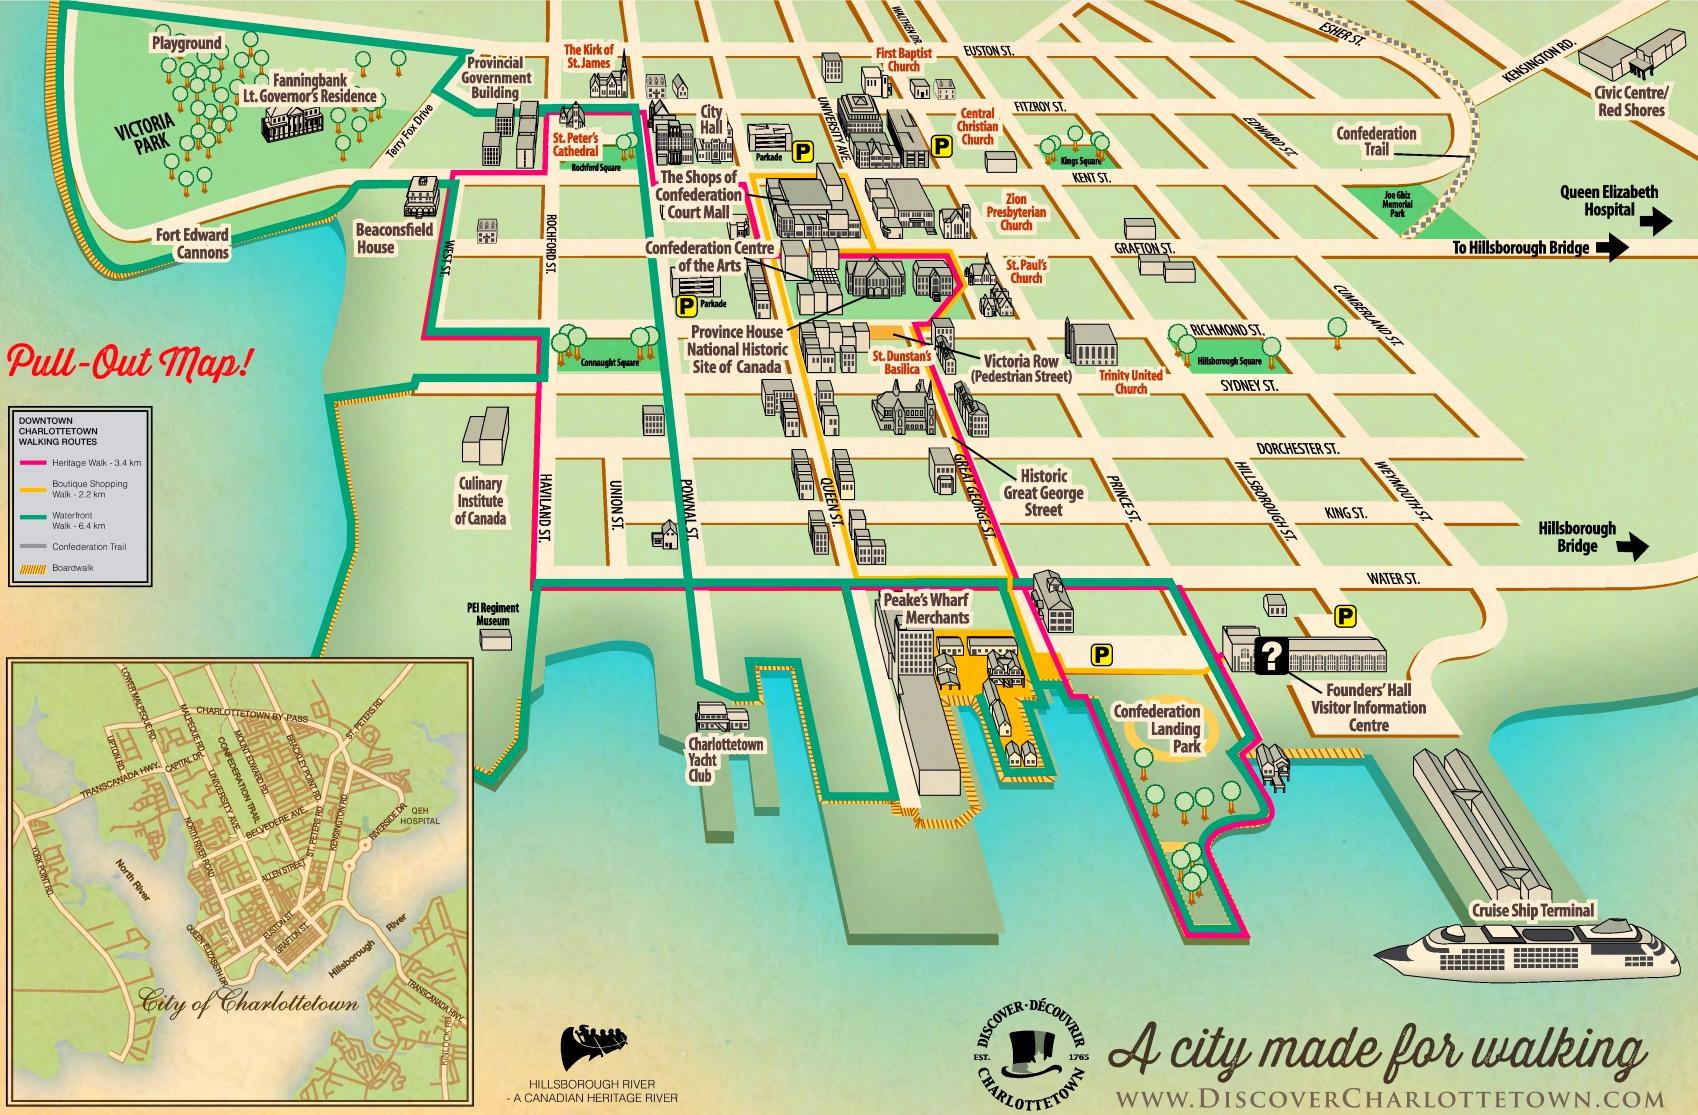 Charlottetown tourist map